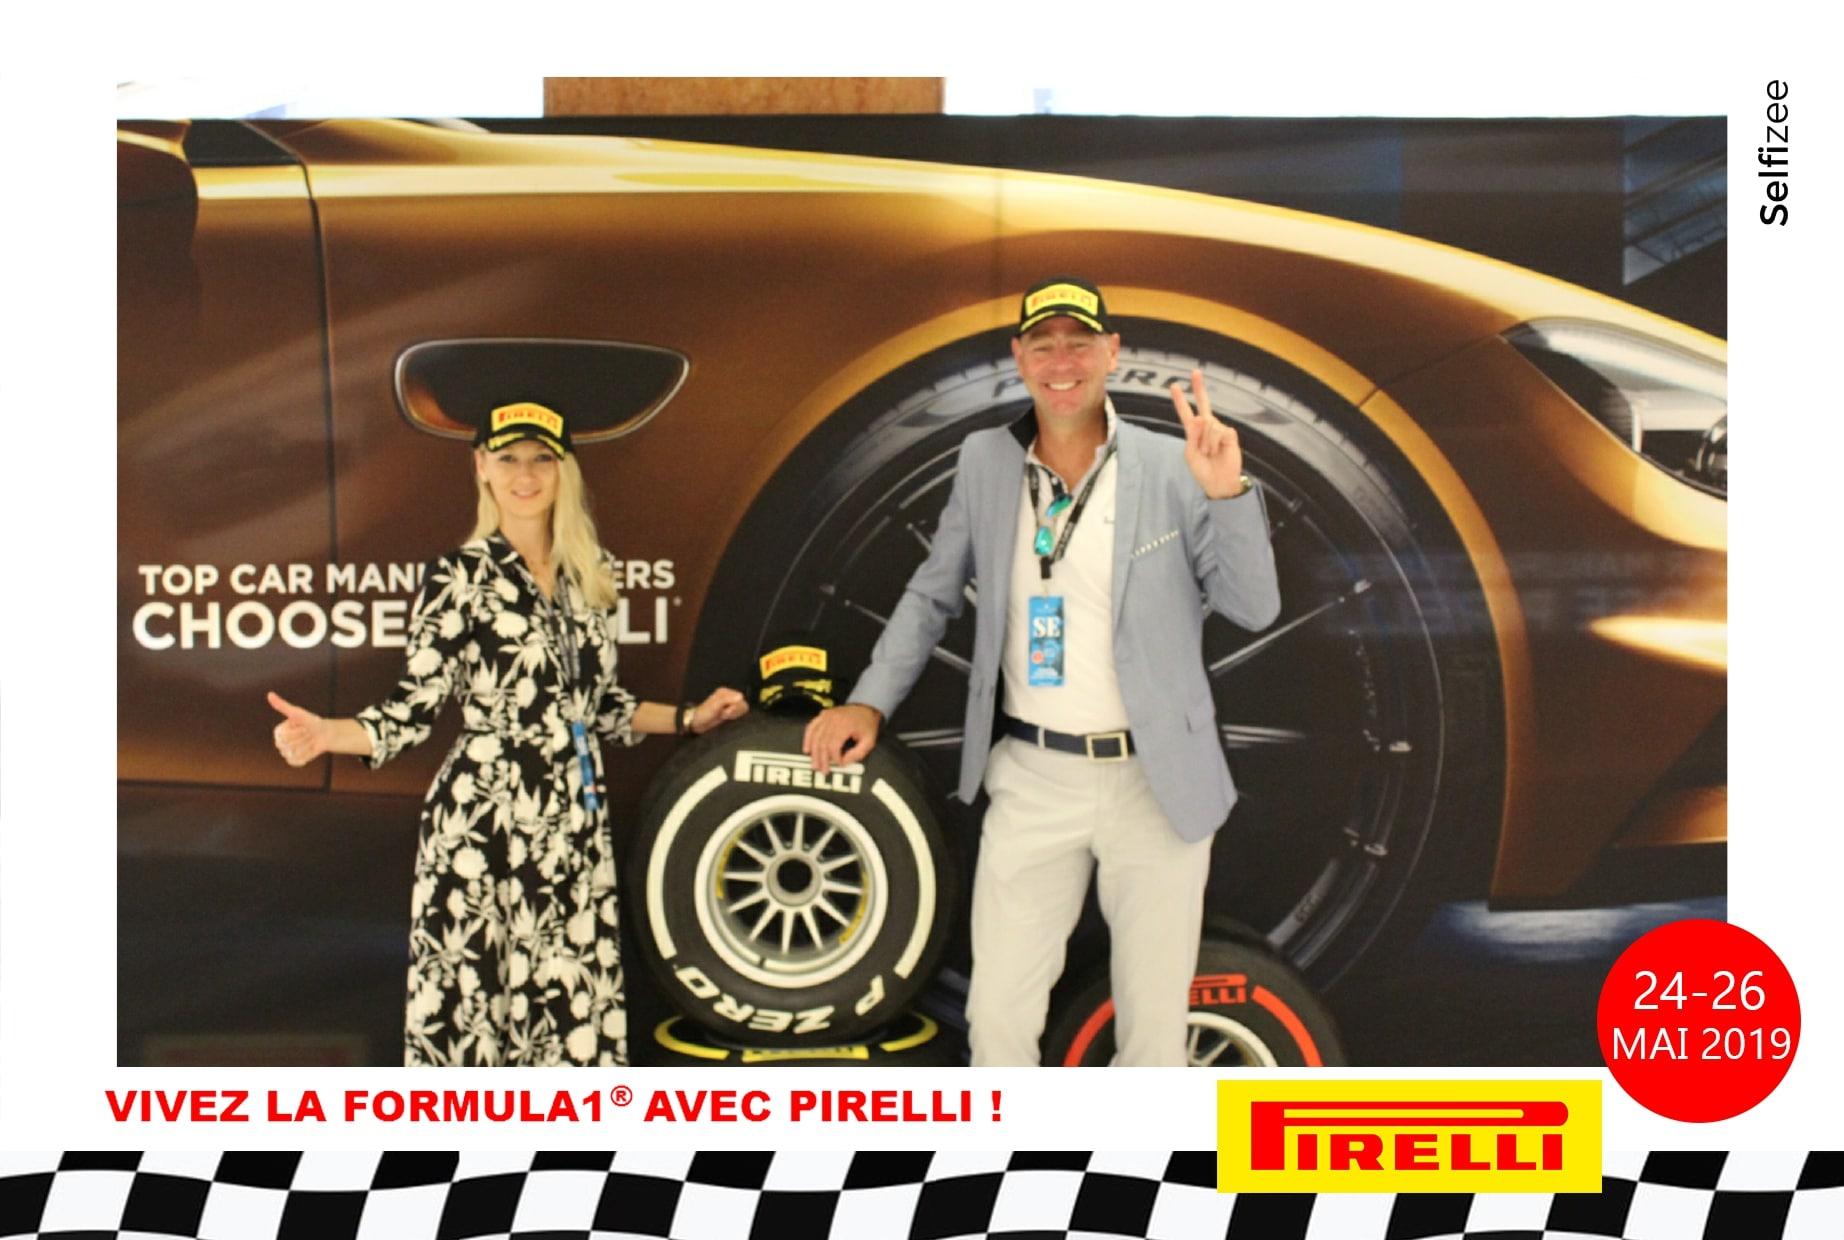 Selfie personnalisé et animation photobooth au Centre Commercial de Fontvieille Monaco - événement Pirelli pour le Grand Prix de Monaco F1